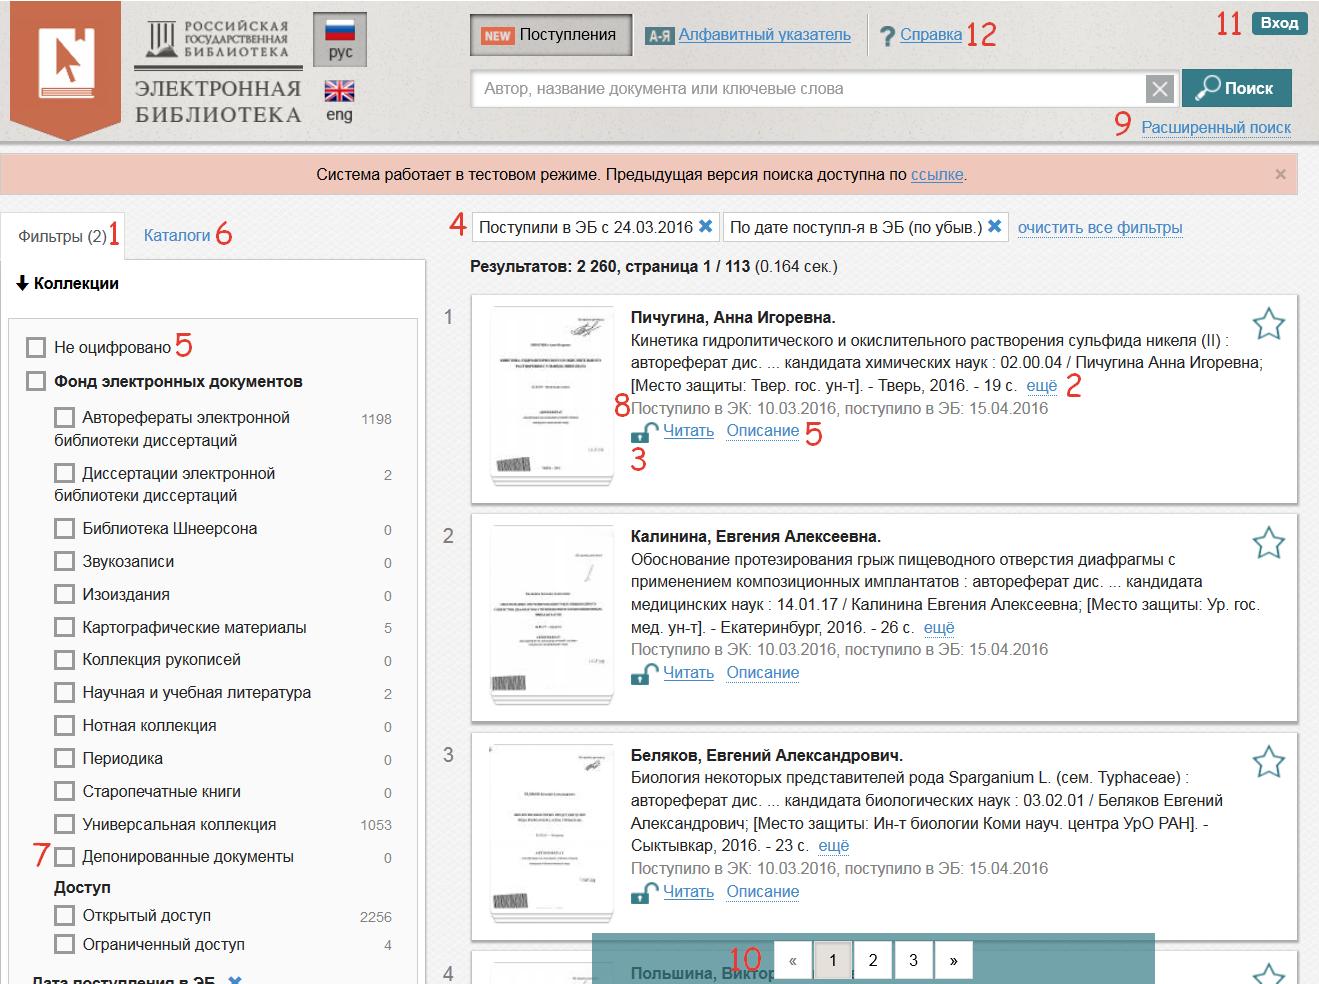 Обзор обновлённого электронного каталога РГБ leninka ru  электронного каталога в которой есть улучшения иcправления новые возможности и инструменты Поиск работает как для оцифрованных документов